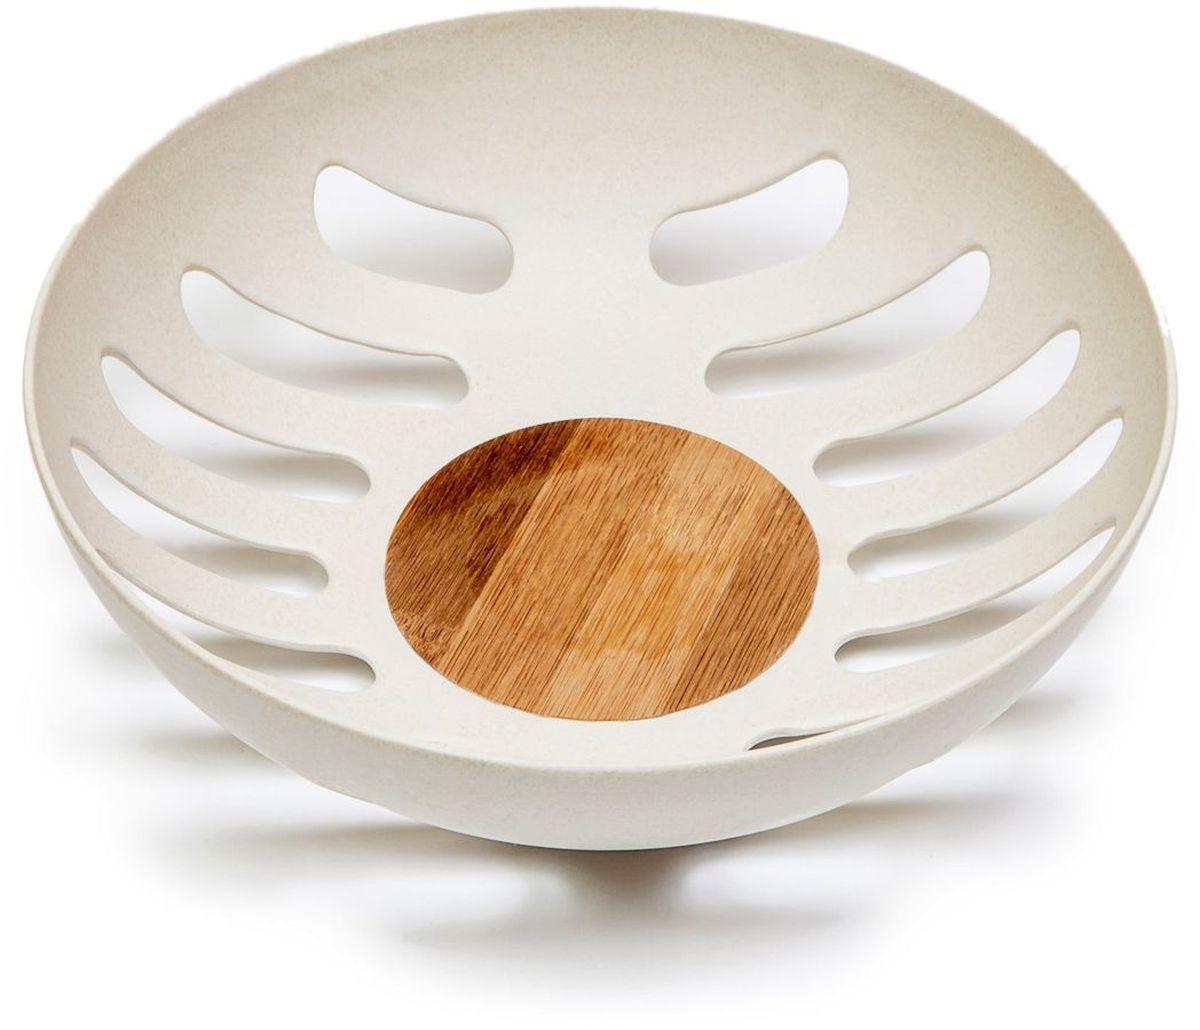 Фруктовница MOULINvilla, цвет: белый, 21,8 х 21,8 х 6,3 смTSF-24-WФруктовница MOULINvilla, изготовленная из природного бамбука, очищенного от вредных примесей идеально подходит для хранения и красивой сервировки любых фруктов. Для окраски используются натуральные пищевые красители. Бамбук, сам по себе, является природным антисептиком. Эта уникальная особенность посуды гарантирует безопасность при эксплуатации и хранении различных видов пищевой продукции. Можно мыть в посудомоечной машине.